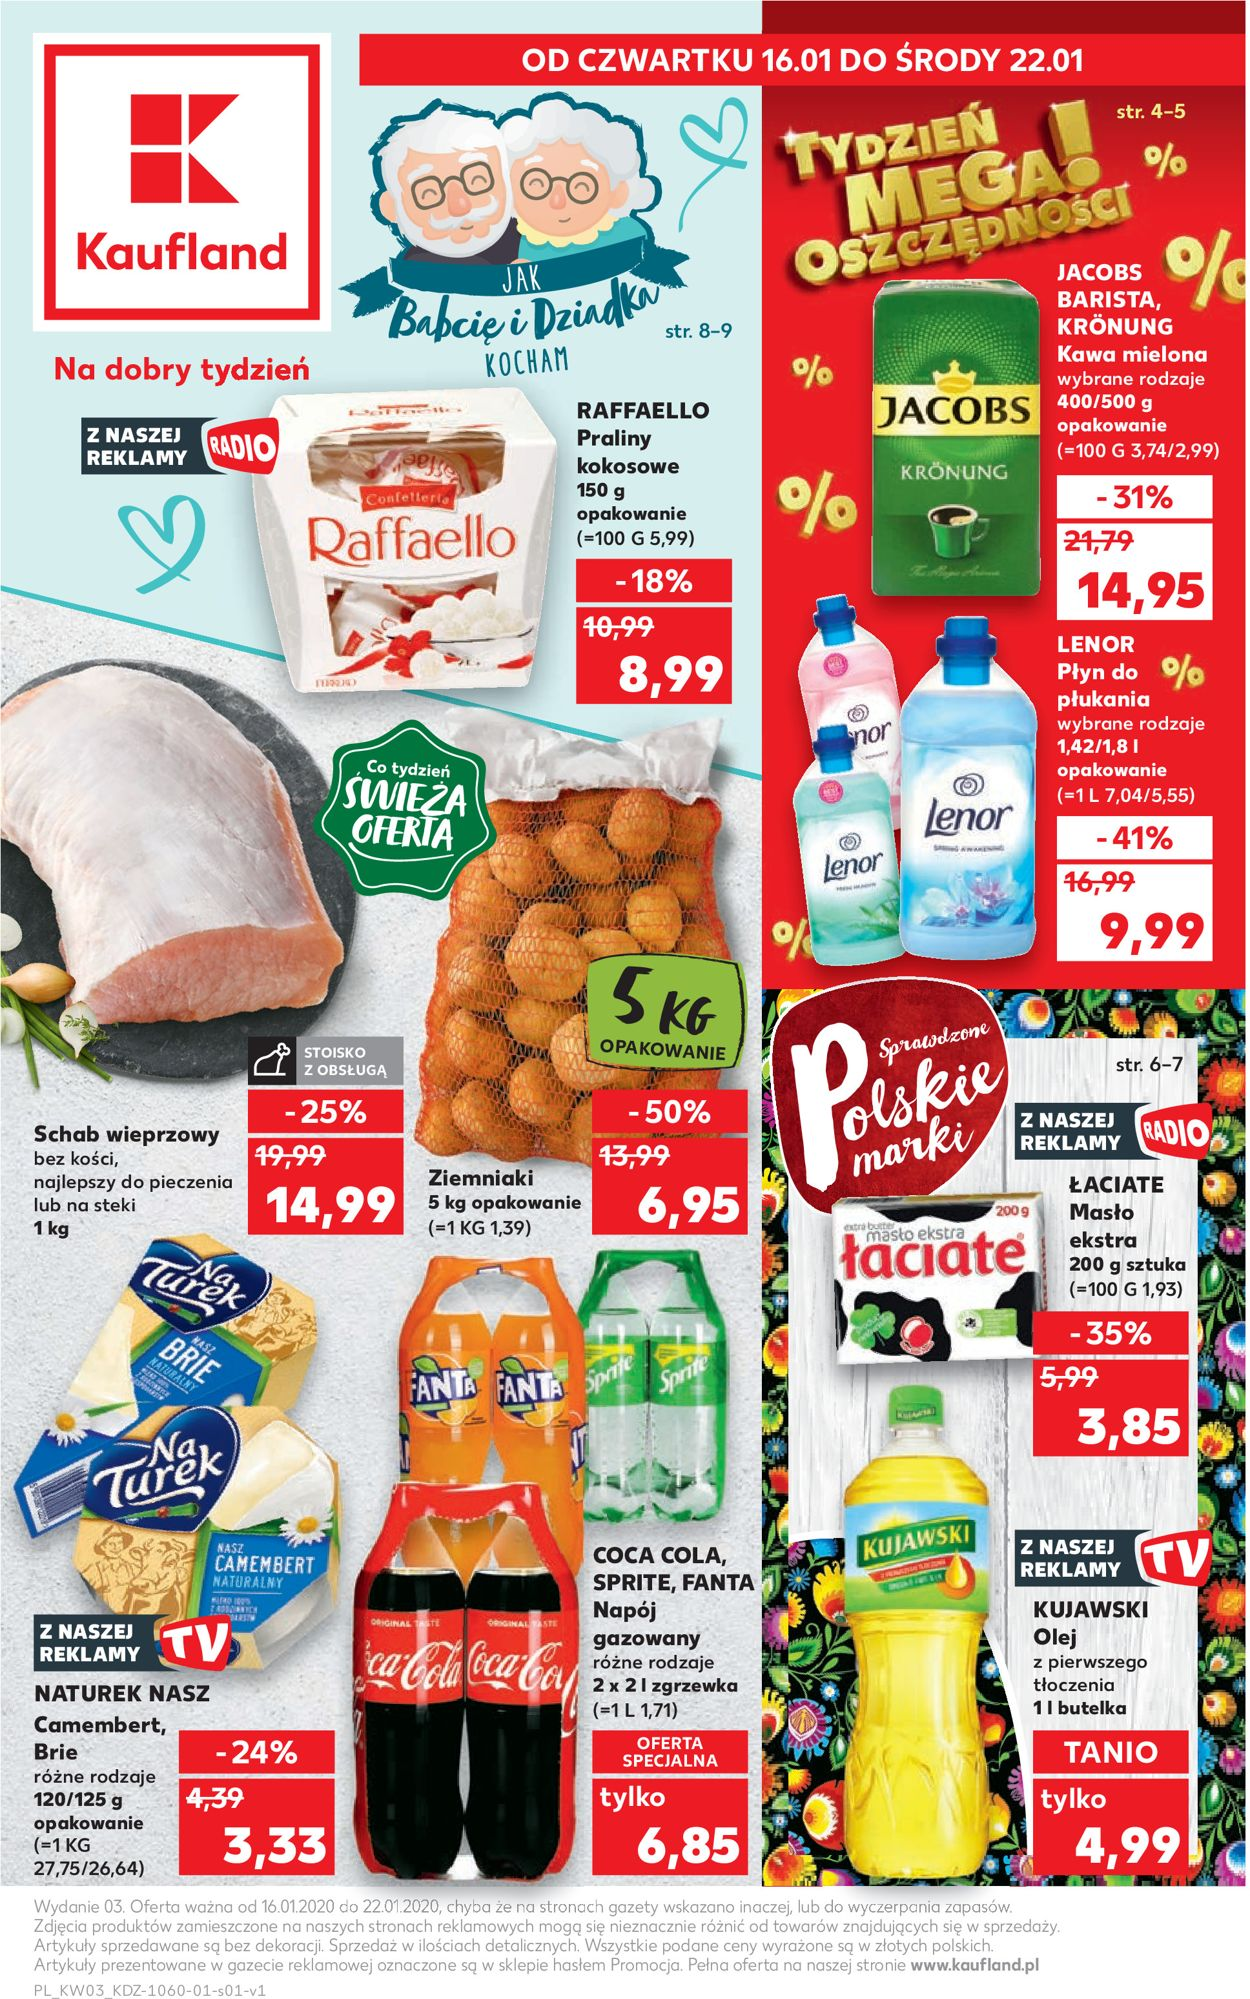 Gazetka promocyjna Kaufland - 16.01-22.01.2020